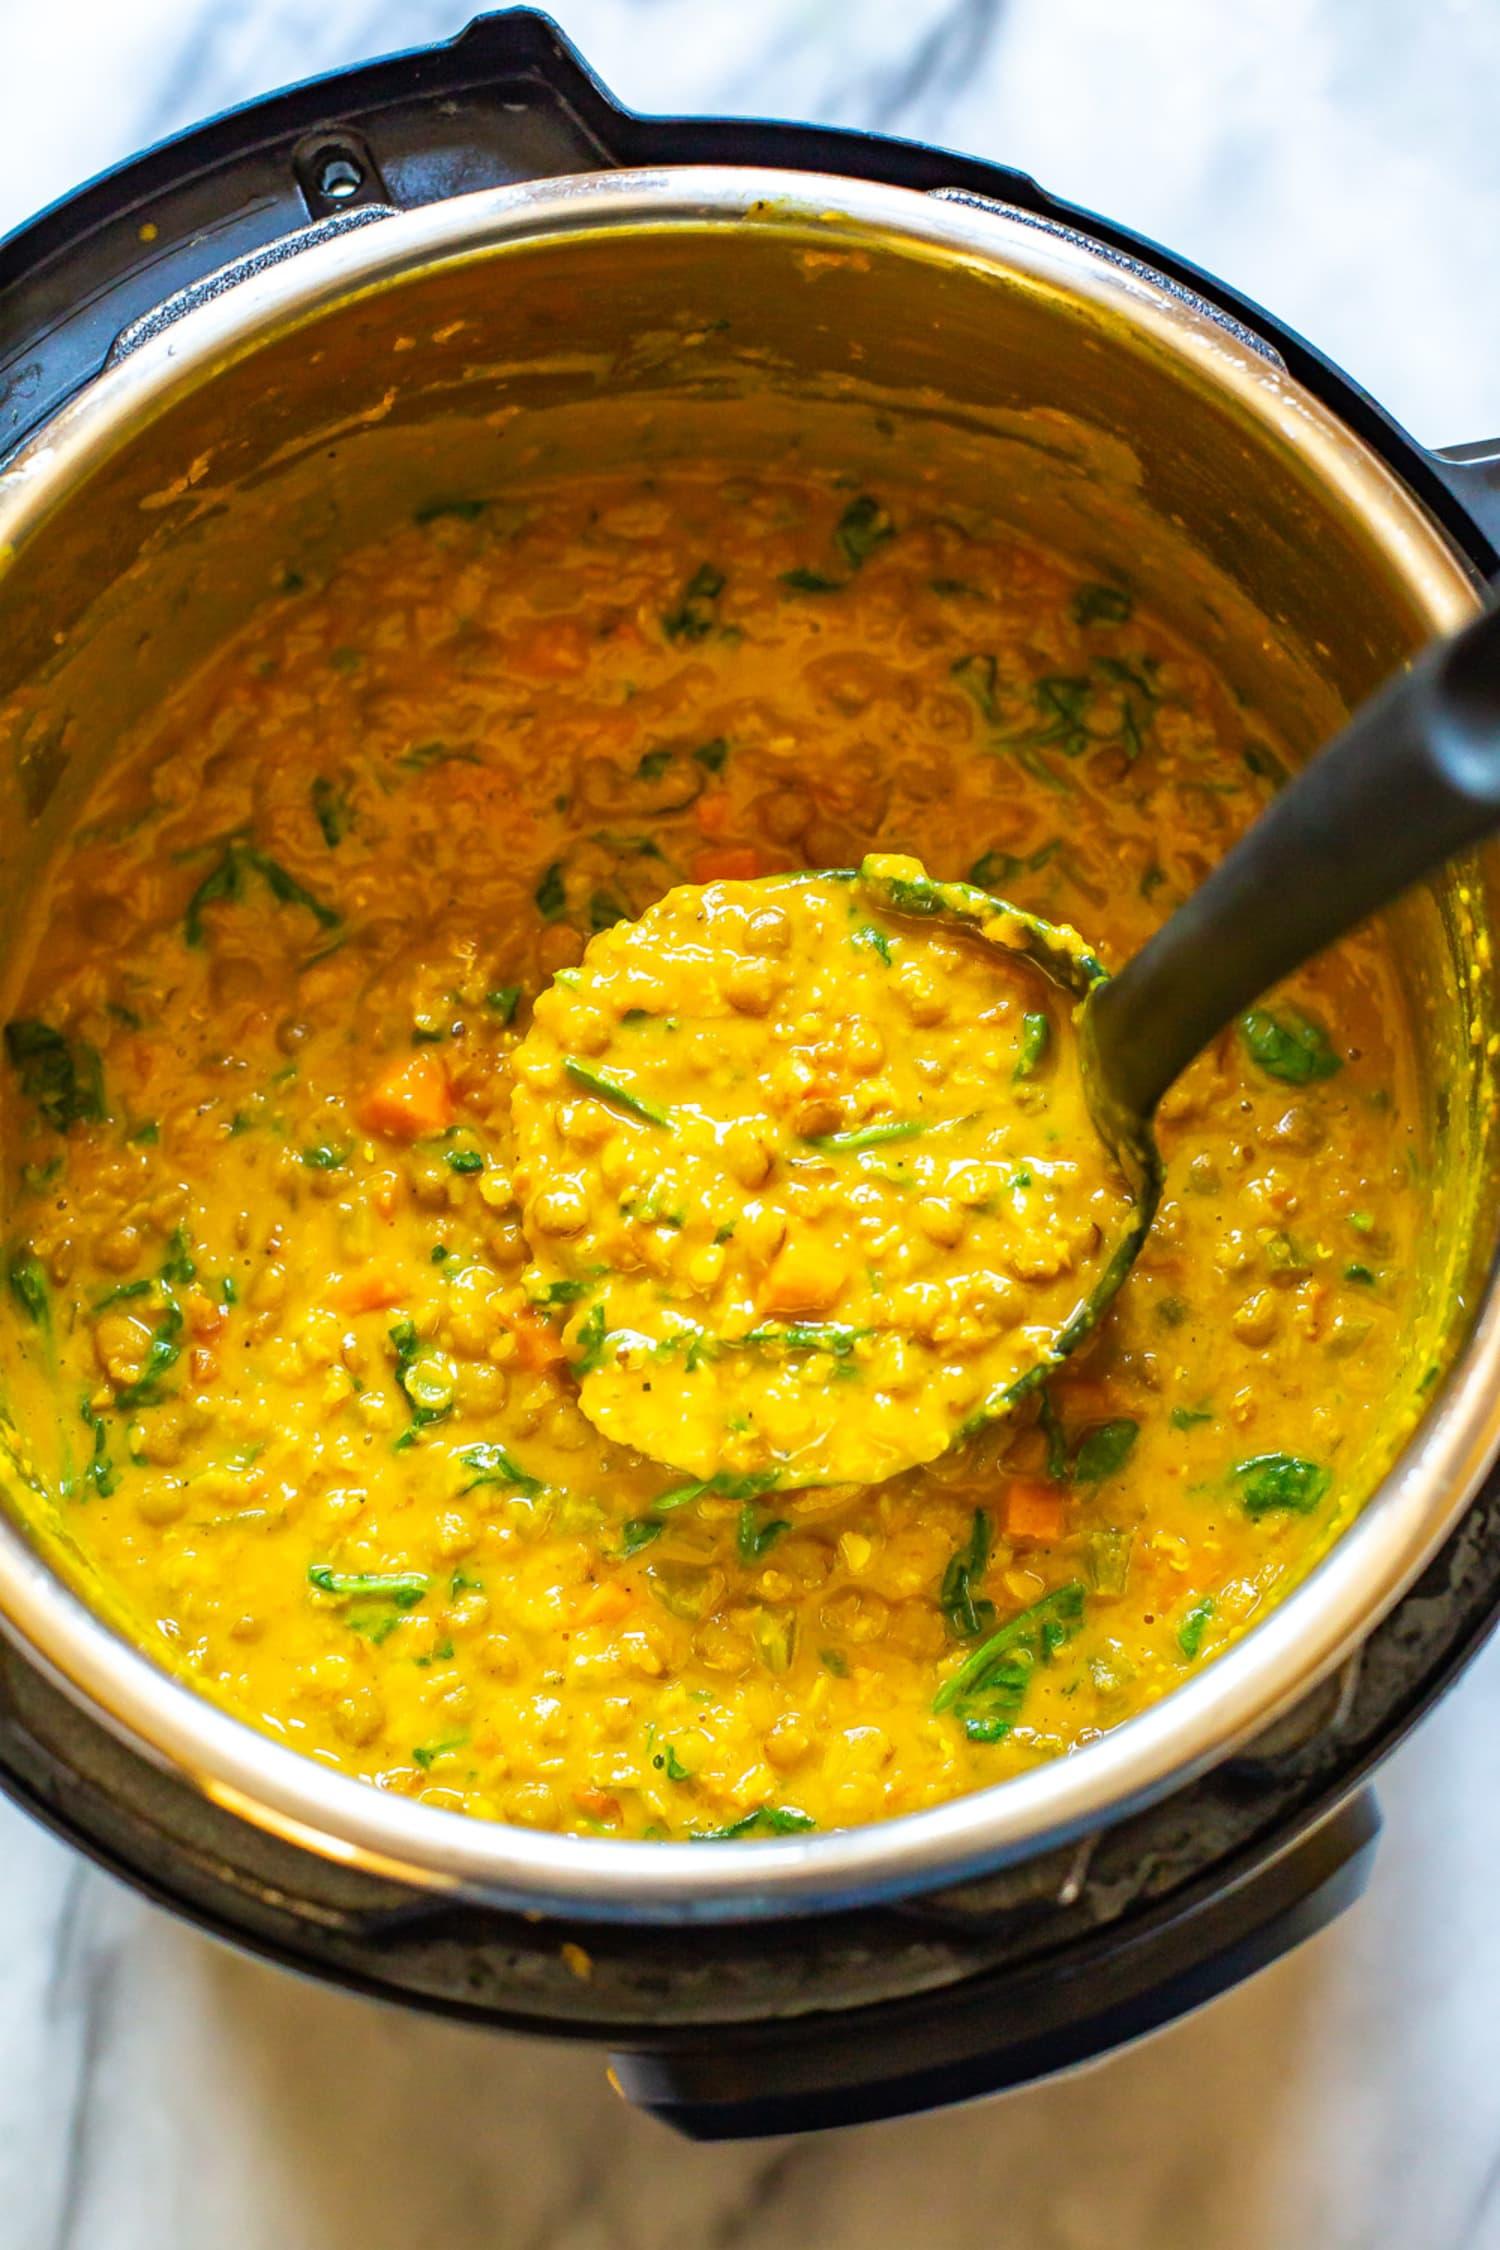 The Best Instant Pot Lentil Soup Eating Instantly Kitchn